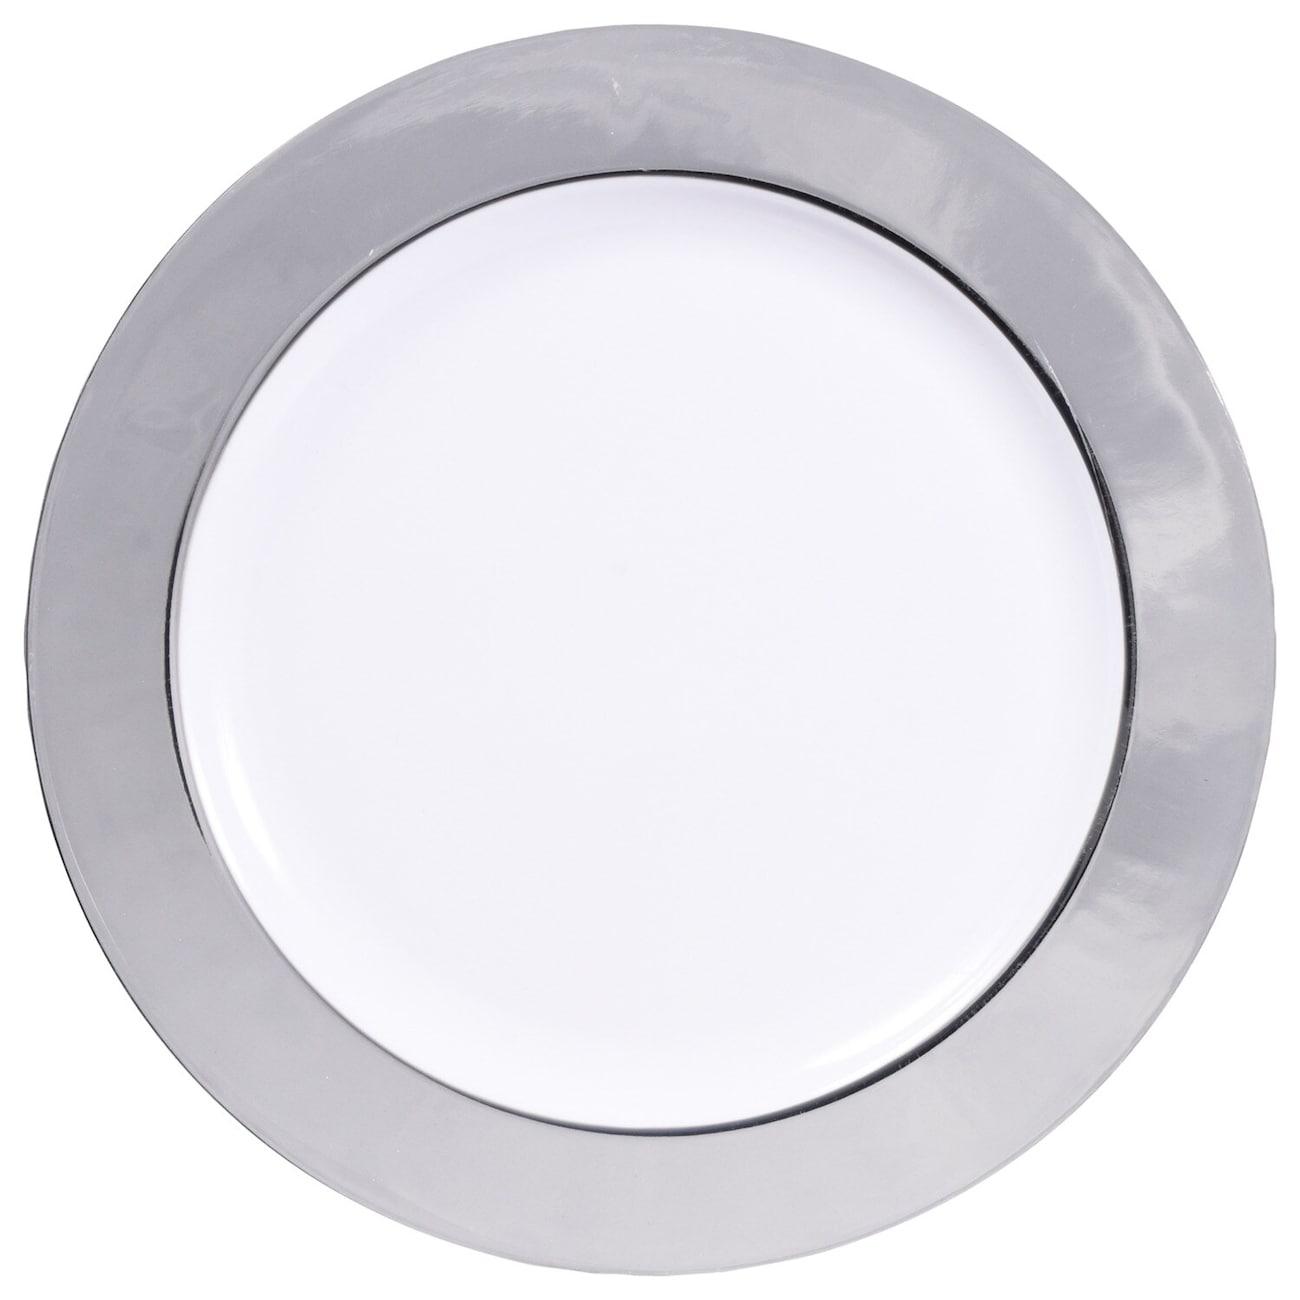 Silver Rimmed White Plastic Dinner Plates 1025 In 4 Ct Packs